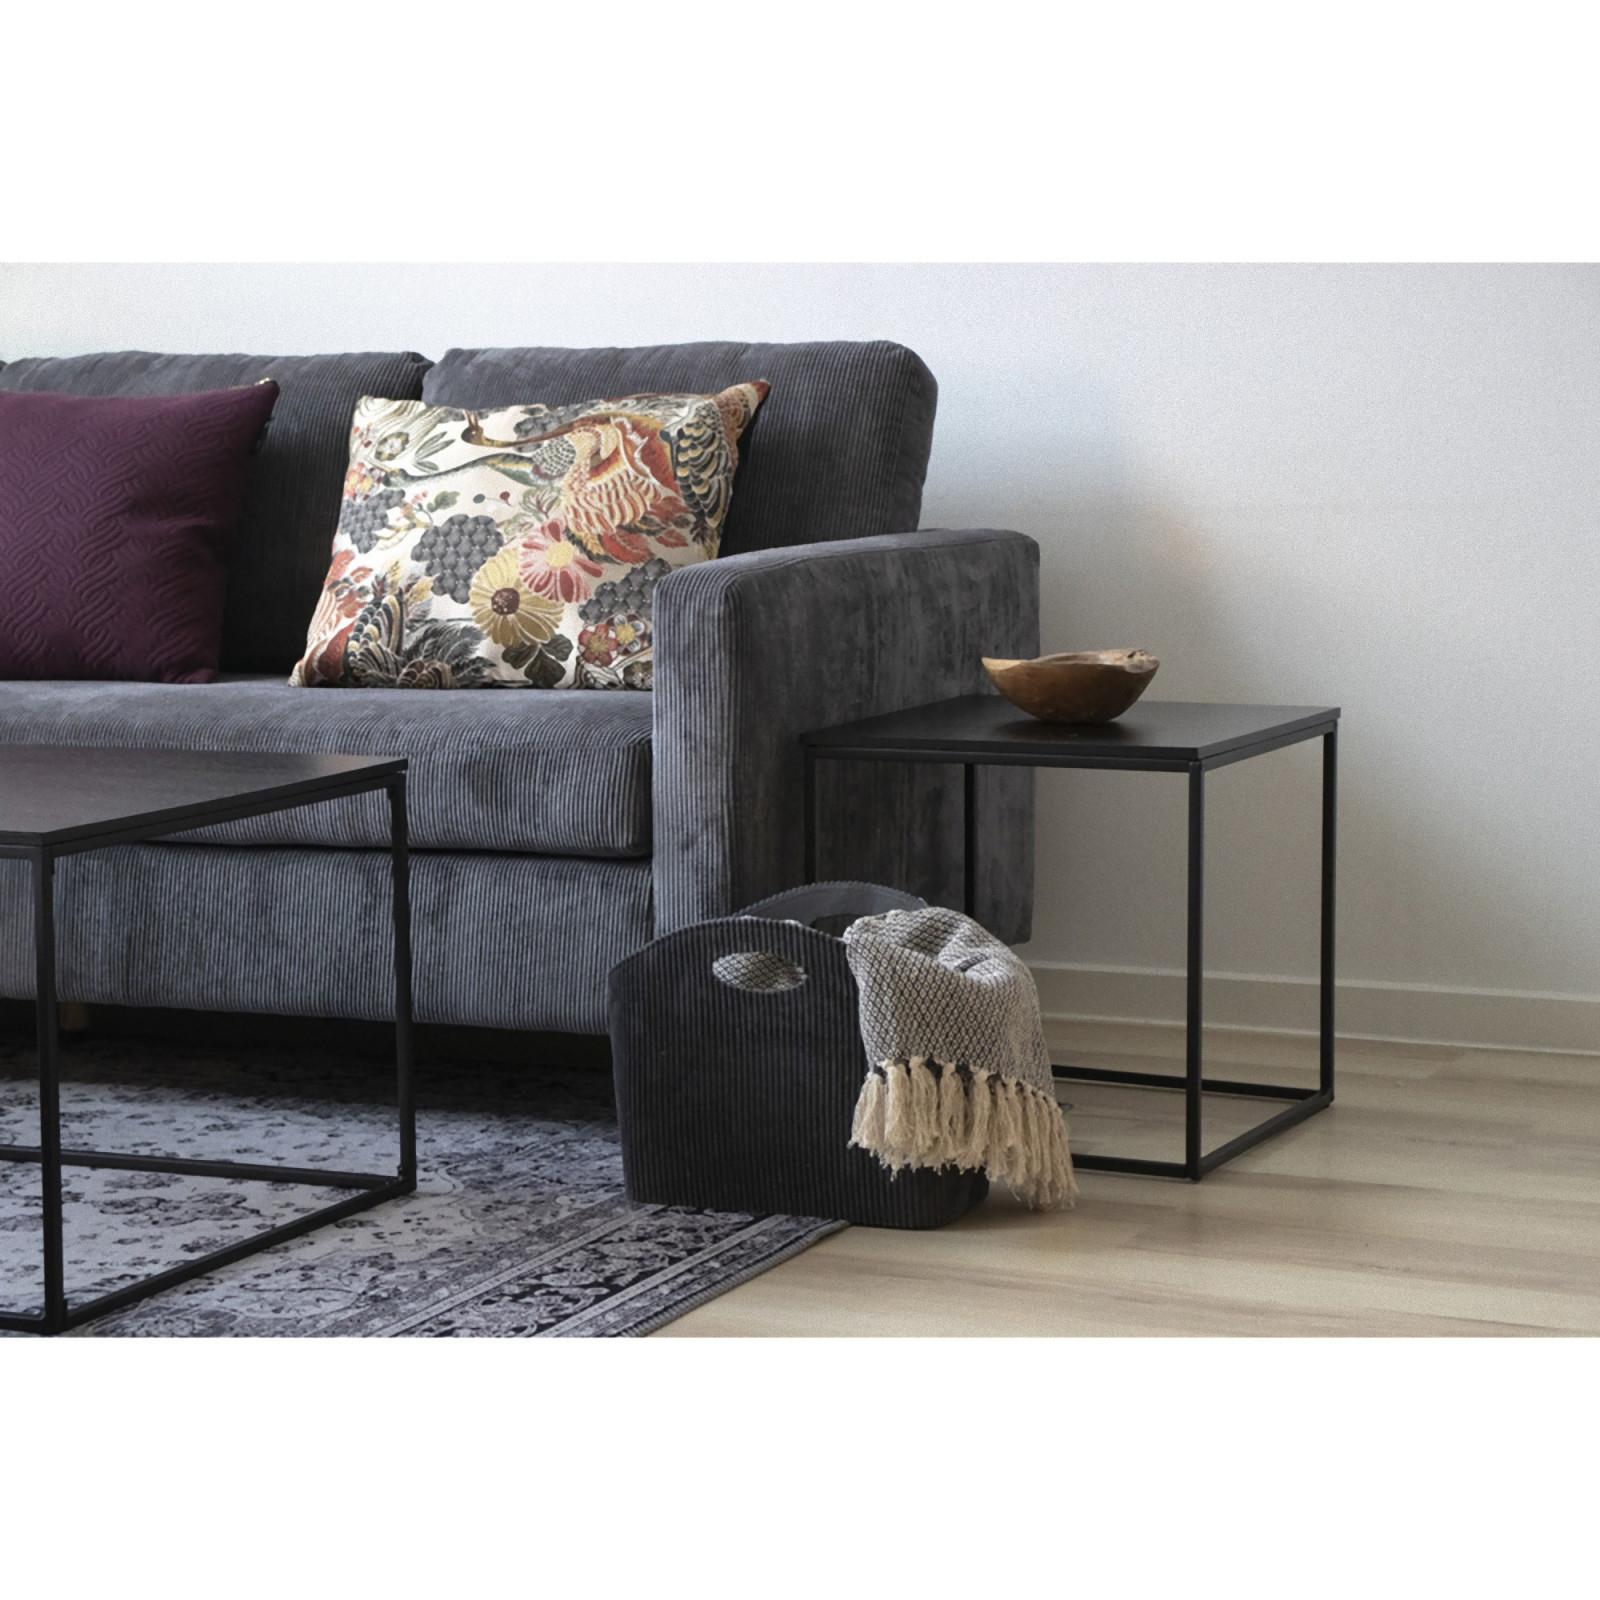 Hawai Teppich 160X230 Cm Schwarz Weiss Design Läufer Wohnzimmer Esszimmer  Modern von Wohnzimmer Teppich 160X230 Bild